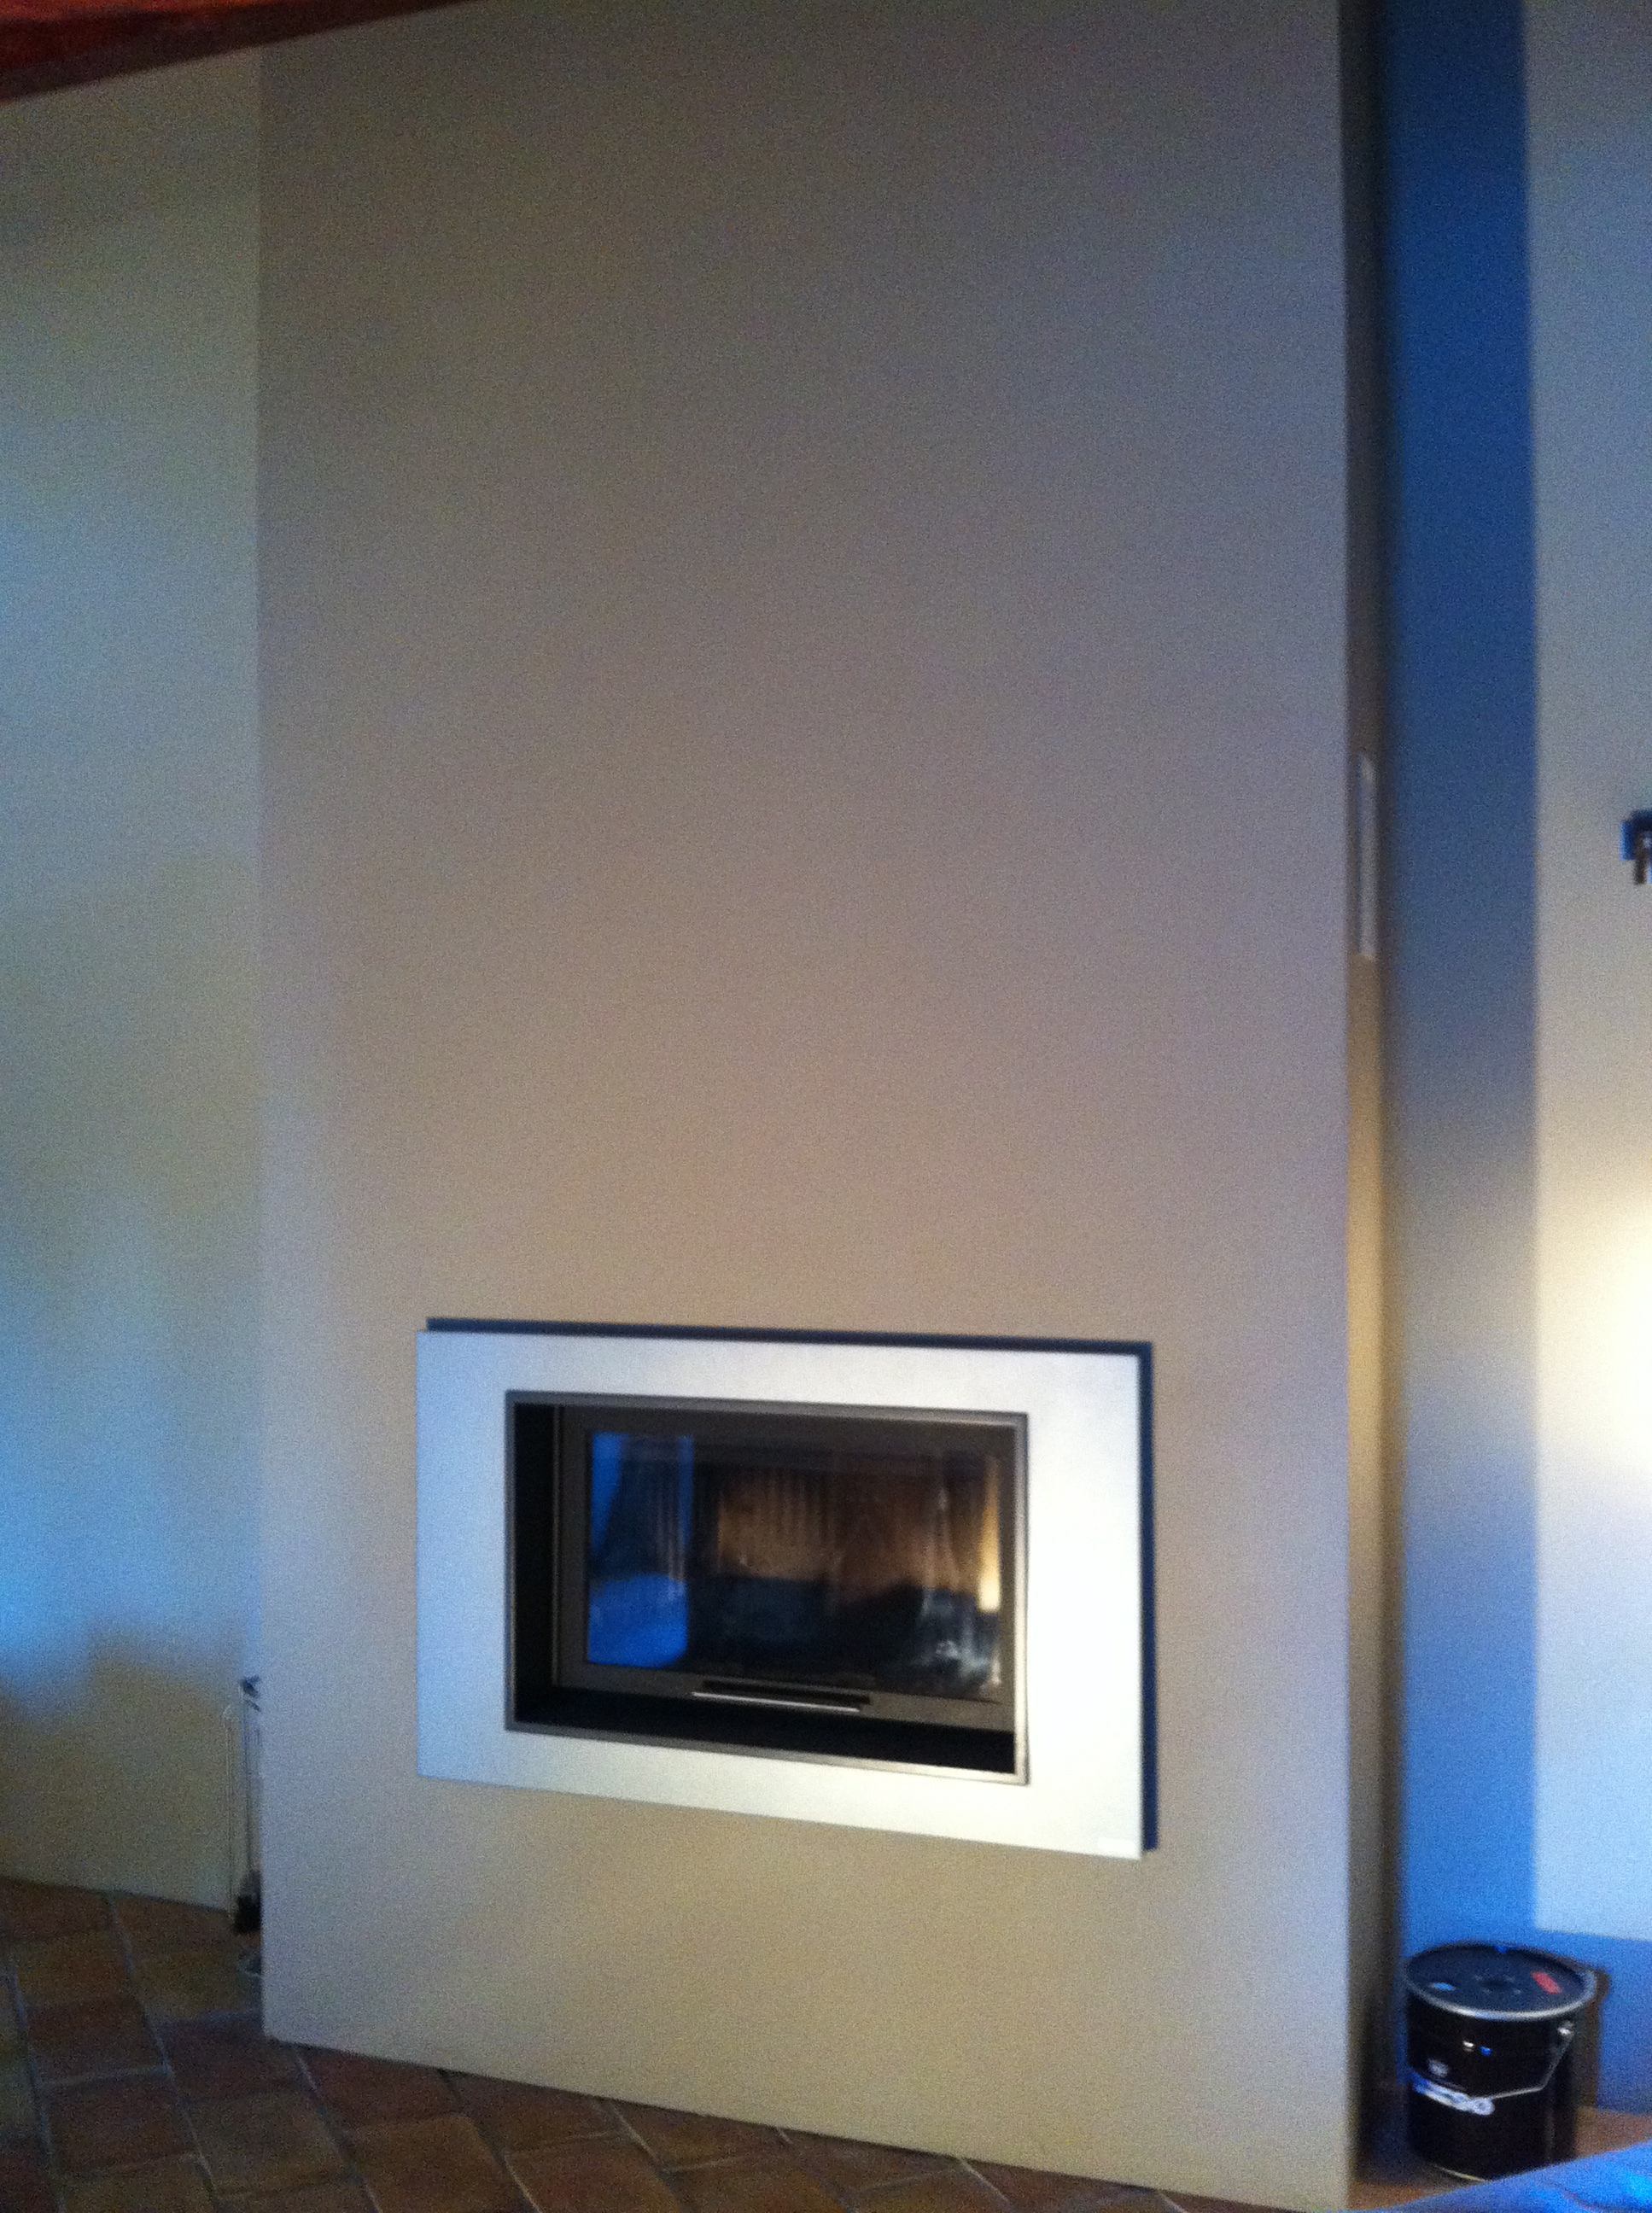 pose d 39 un foyer bois cmp02 san diego de la marque cmg. Black Bedroom Furniture Sets. Home Design Ideas